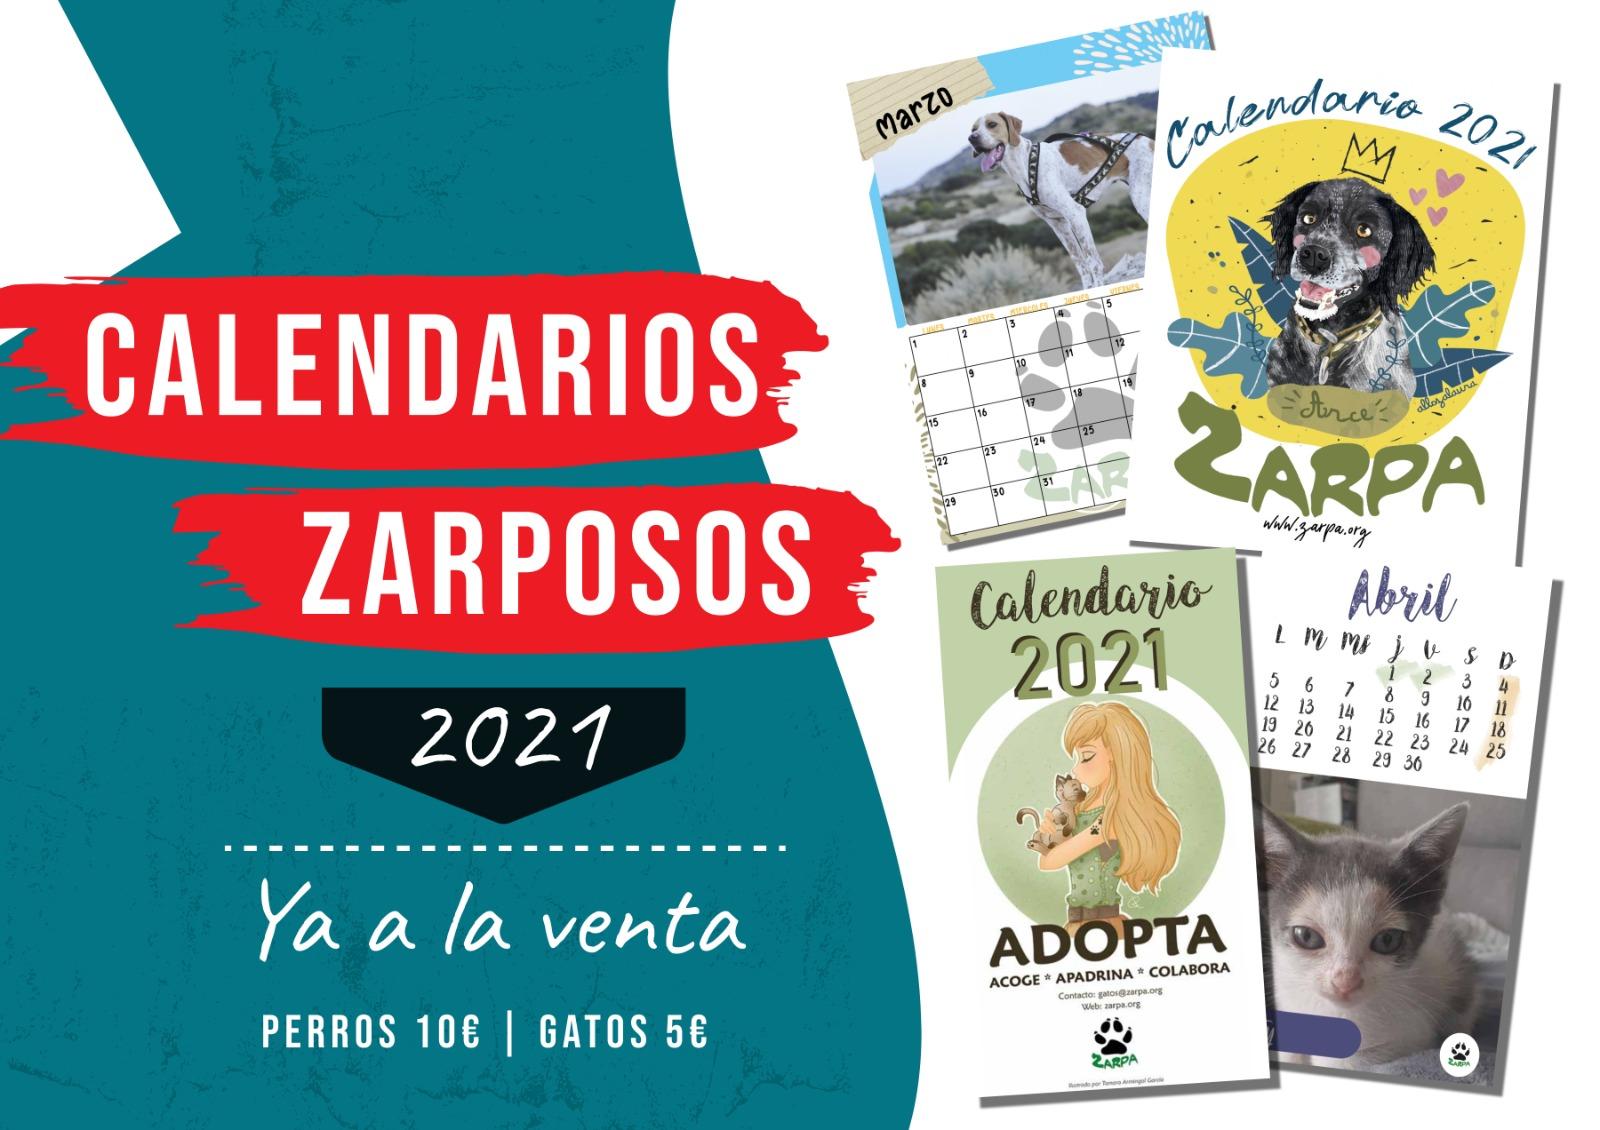 Calendarios Zarposos 2021